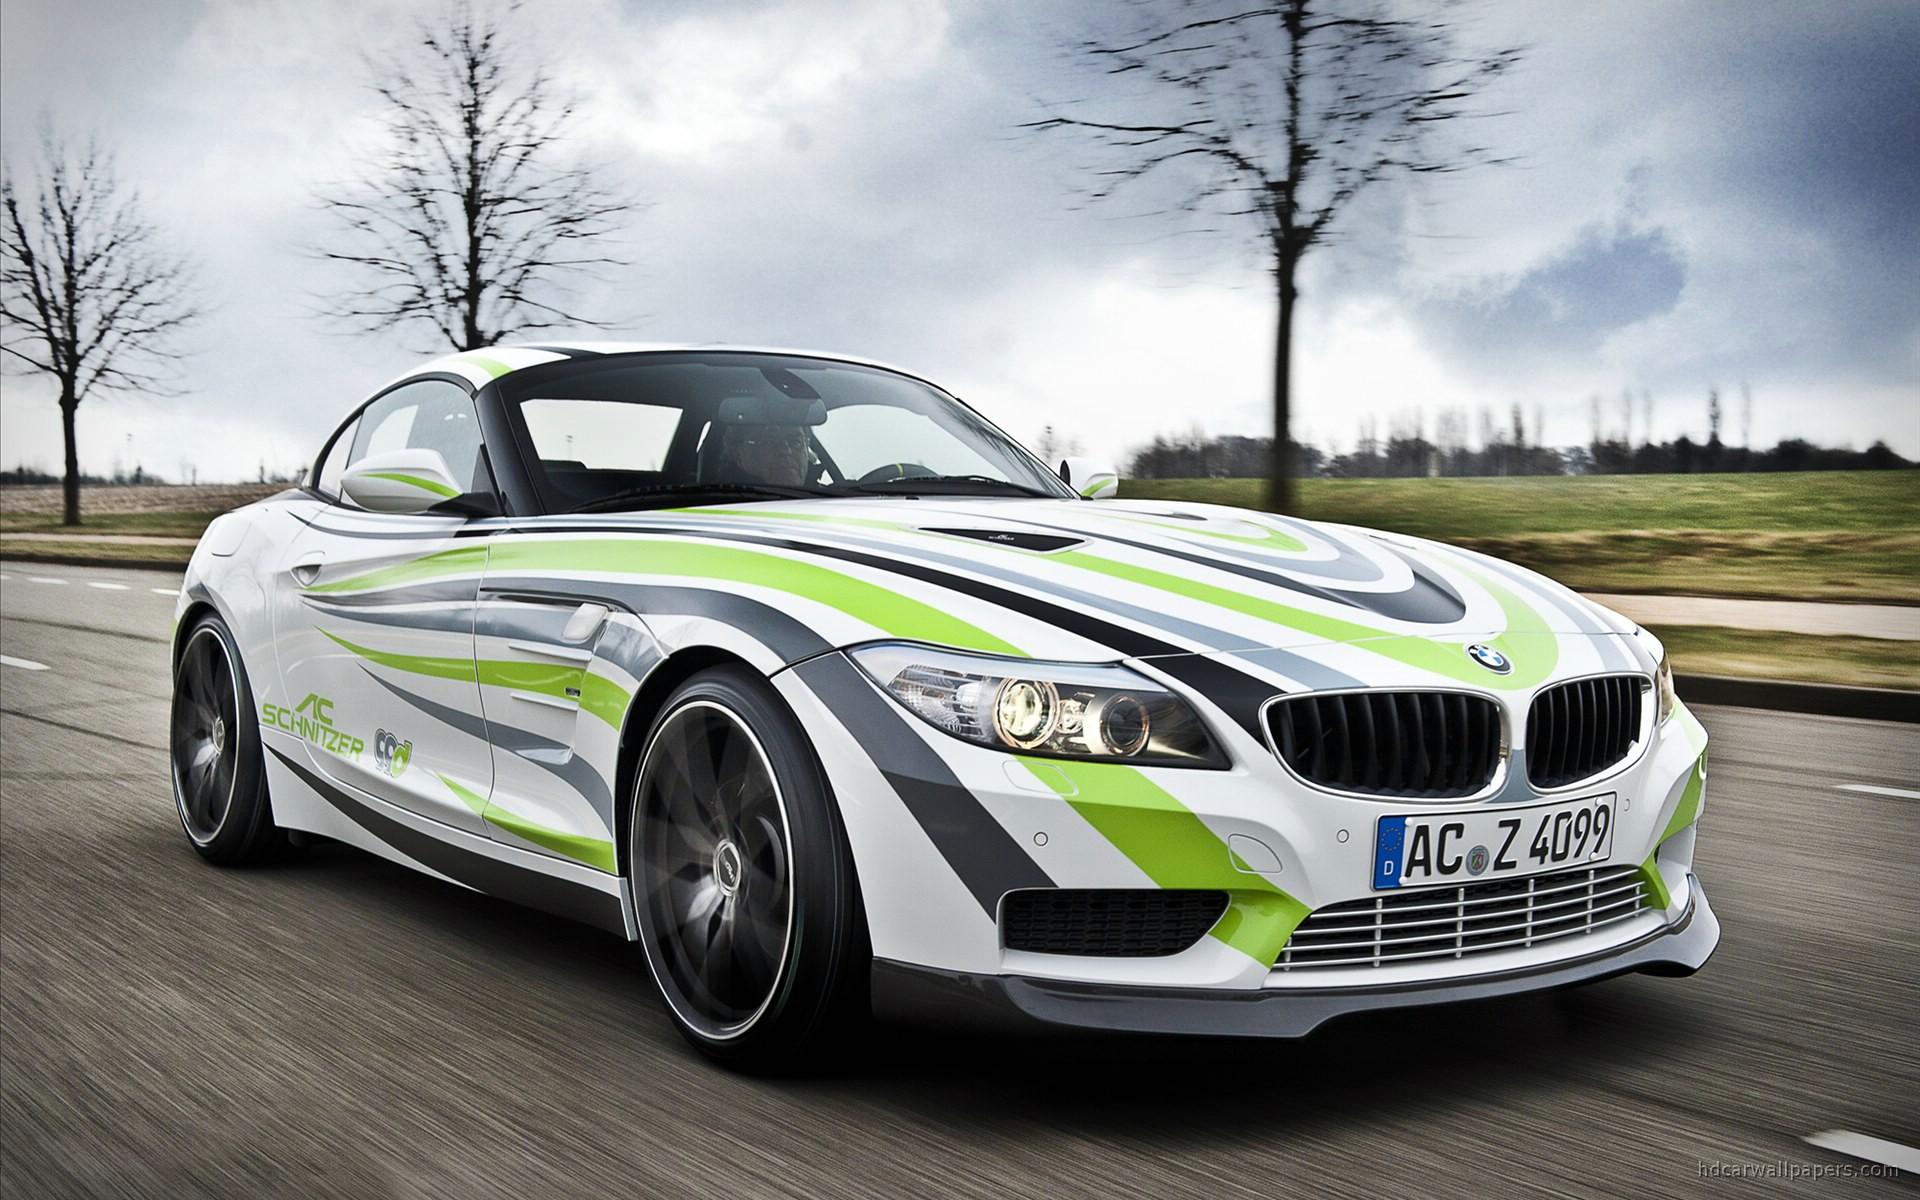 2011 BMW Concept Car Wallpaper HD Car Wallpapers 1920x1200